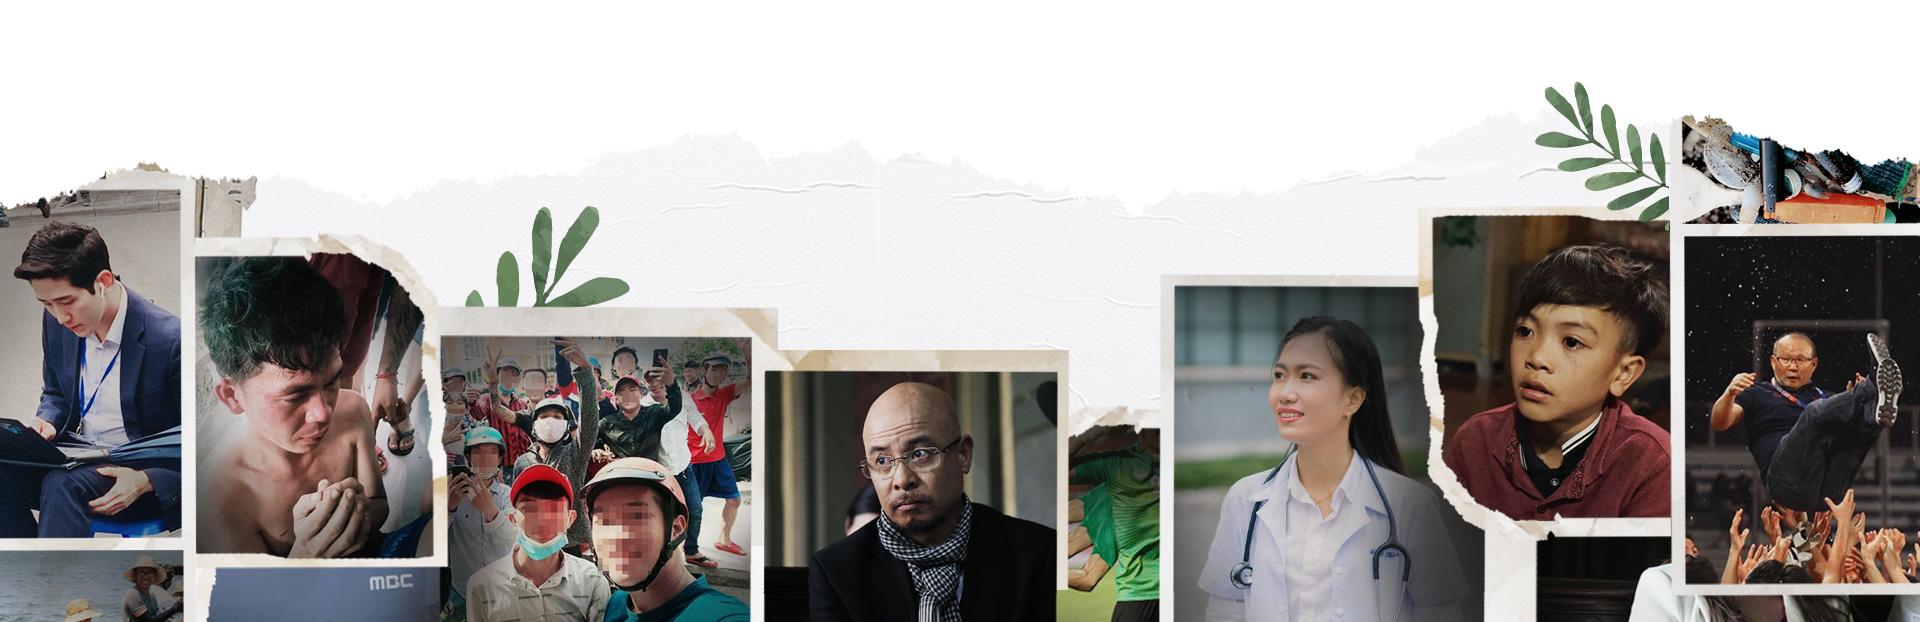 Những câu chuyện nóng hổi tạo trend trong giới trẻ Việt 2019 - Ảnh 31.